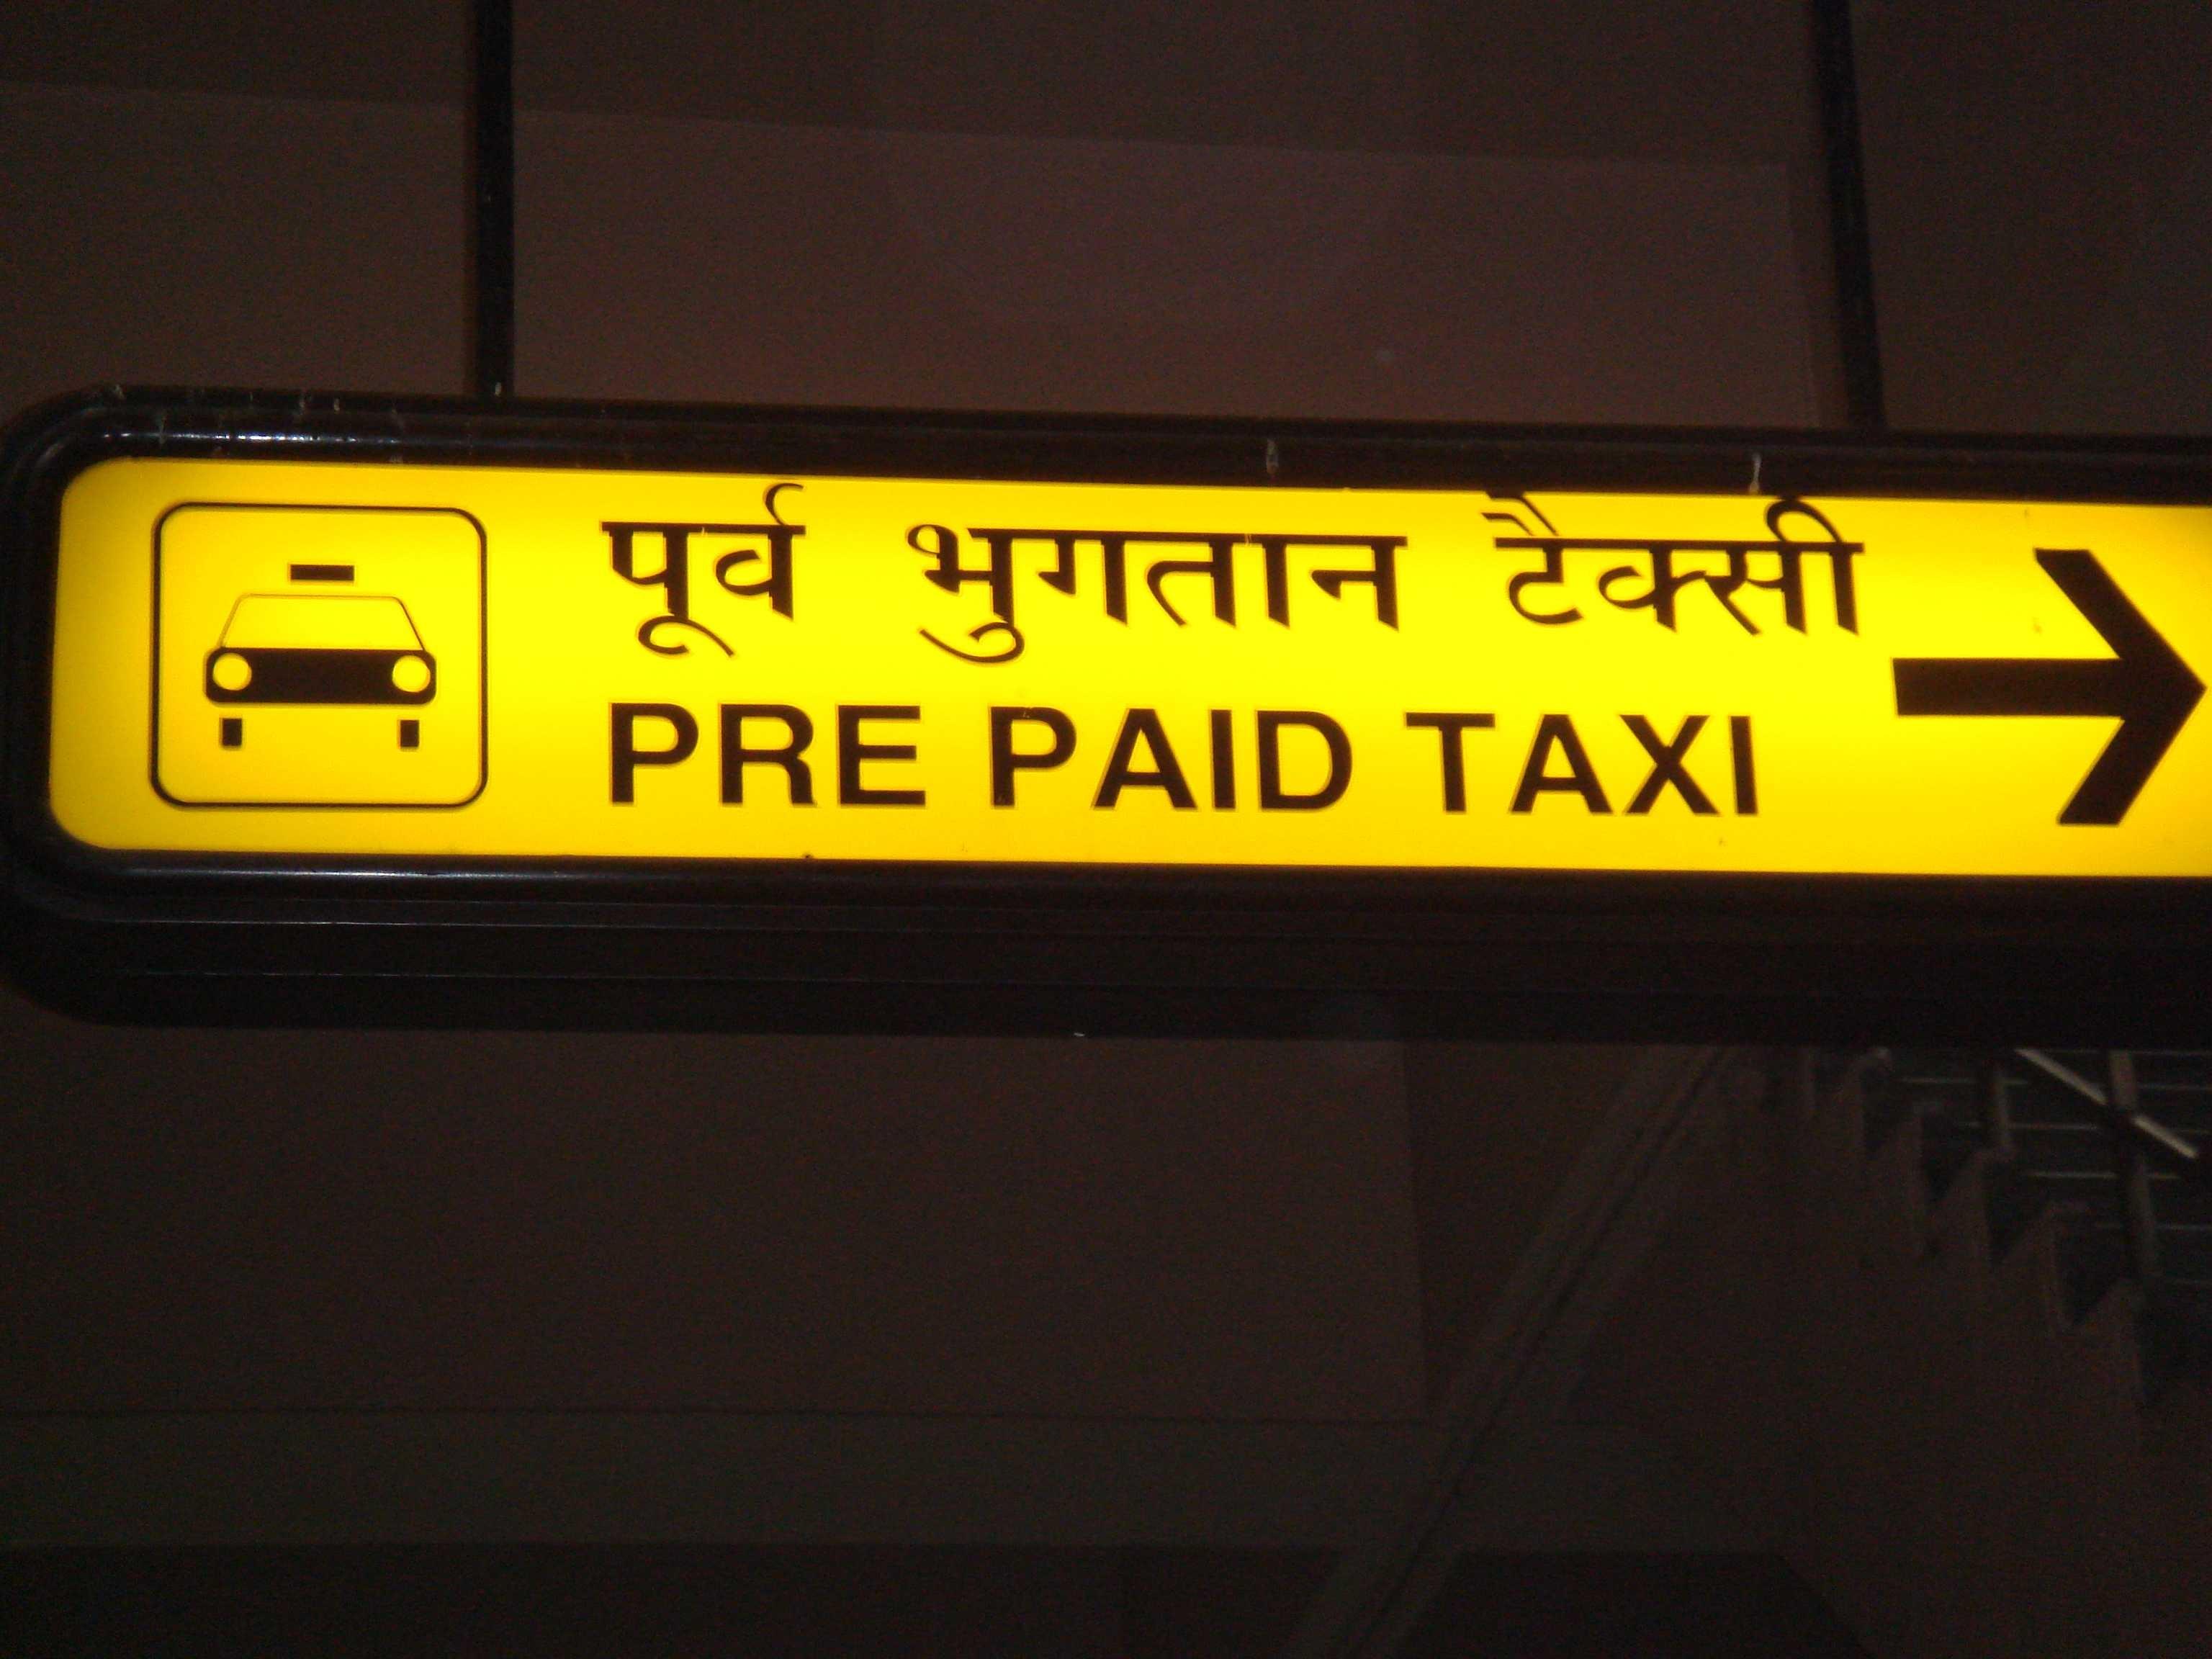 インド・デリー空港は本当に危険?実際に自分の身を守る方法教えます!